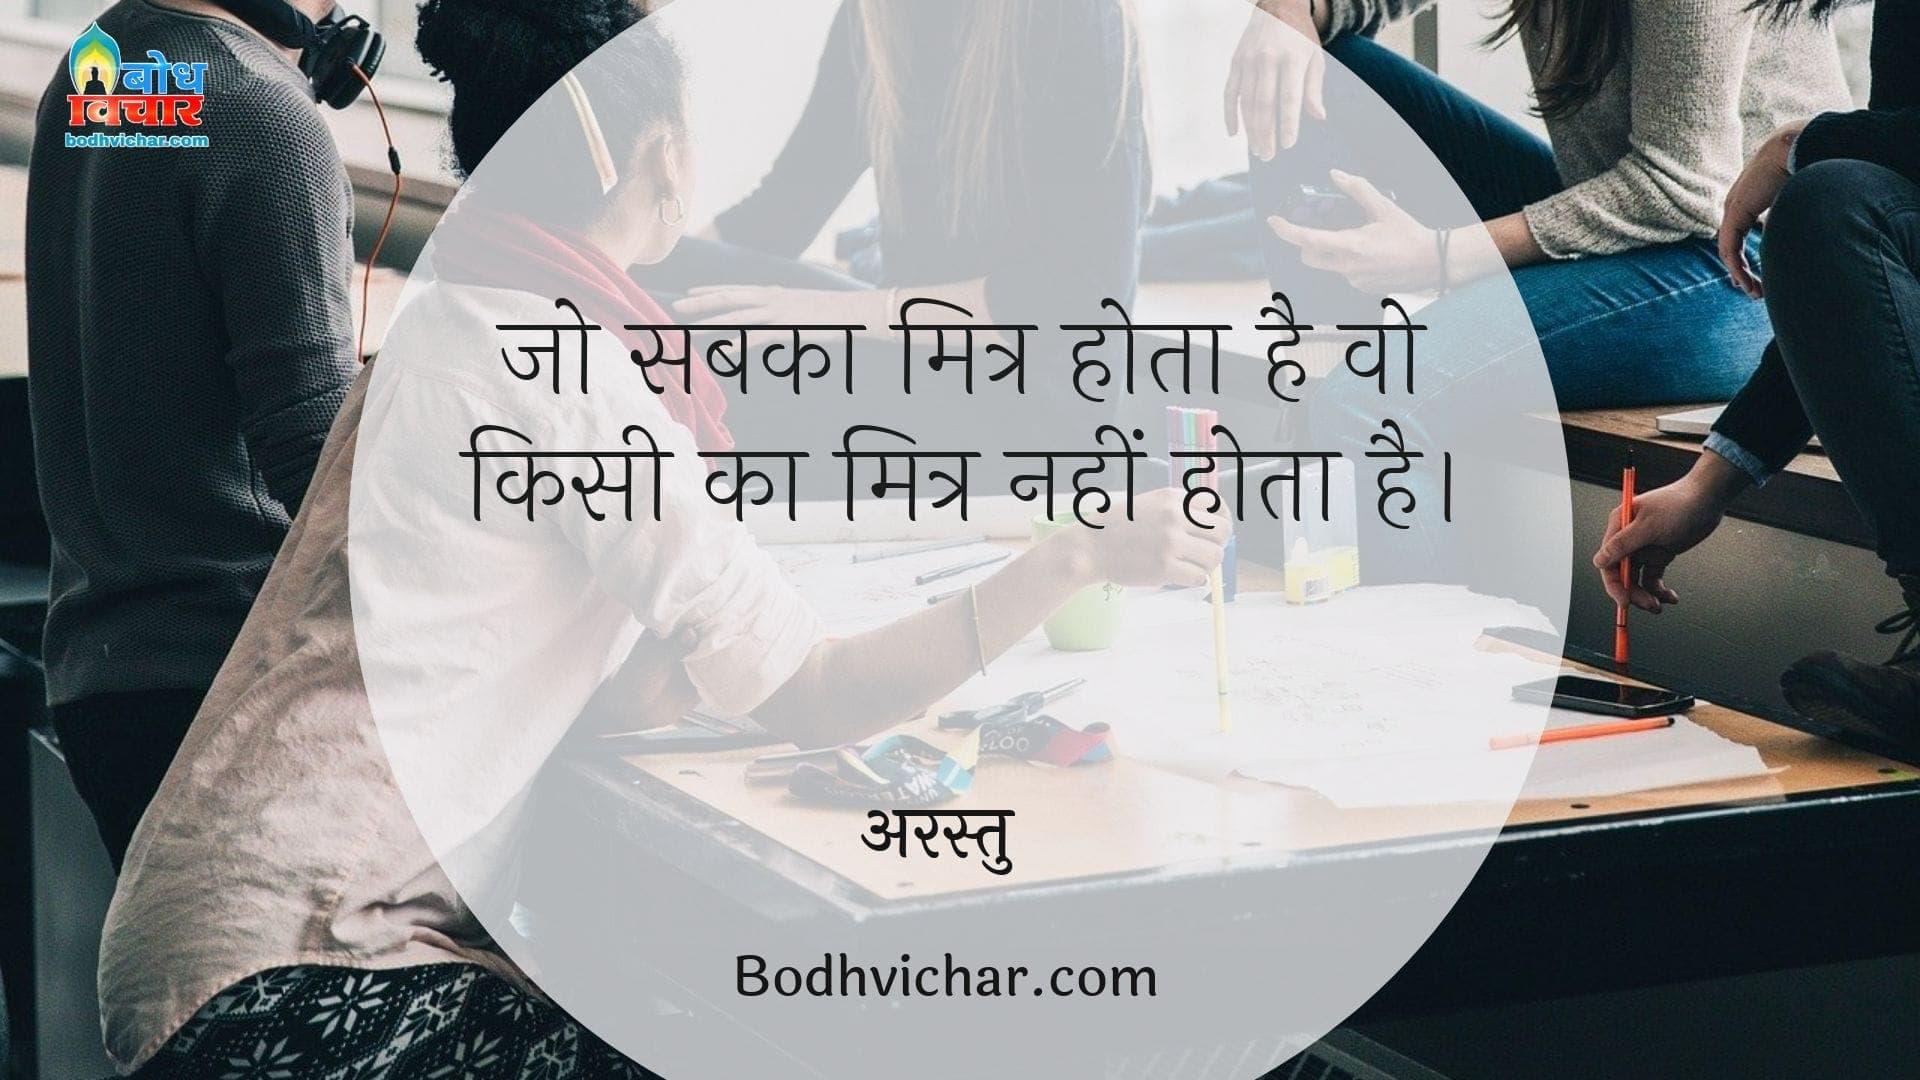 जो सबका मित्र होता है वो किसी का मित्र नहीं होता है। : Jo sabka mitra hota hai vo kisi ka maitra nahi hota - अरस्तु